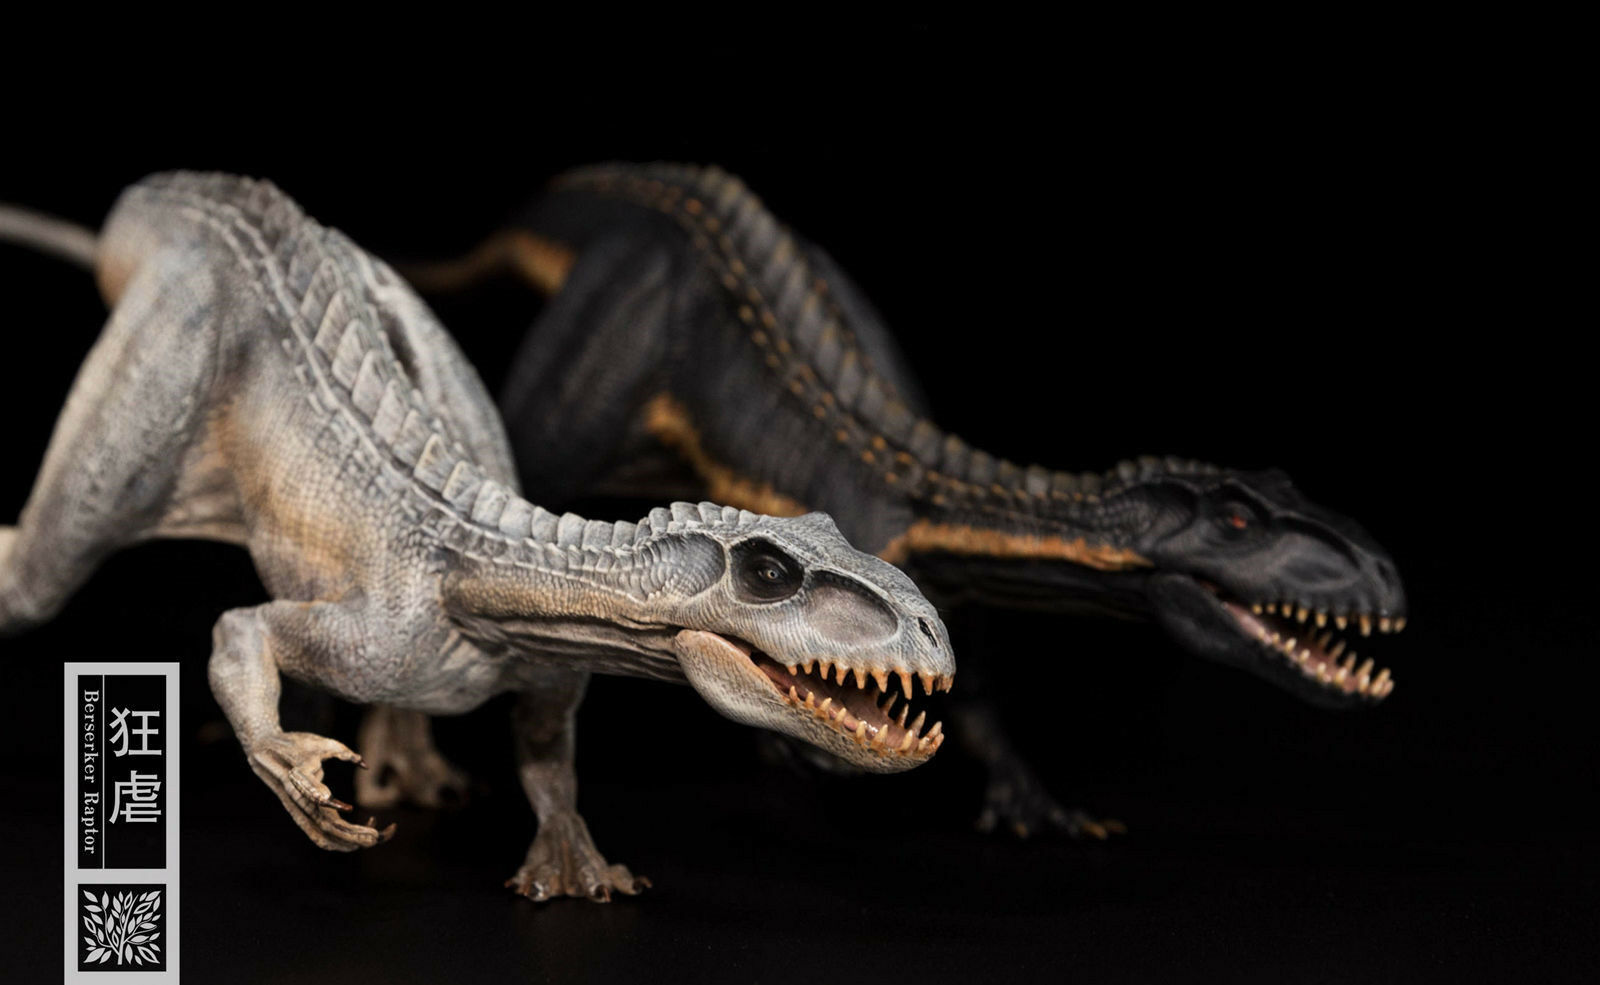 Indoraptor bild - statue dinosaurier - modell sammler dekor geschenk zwei farbe